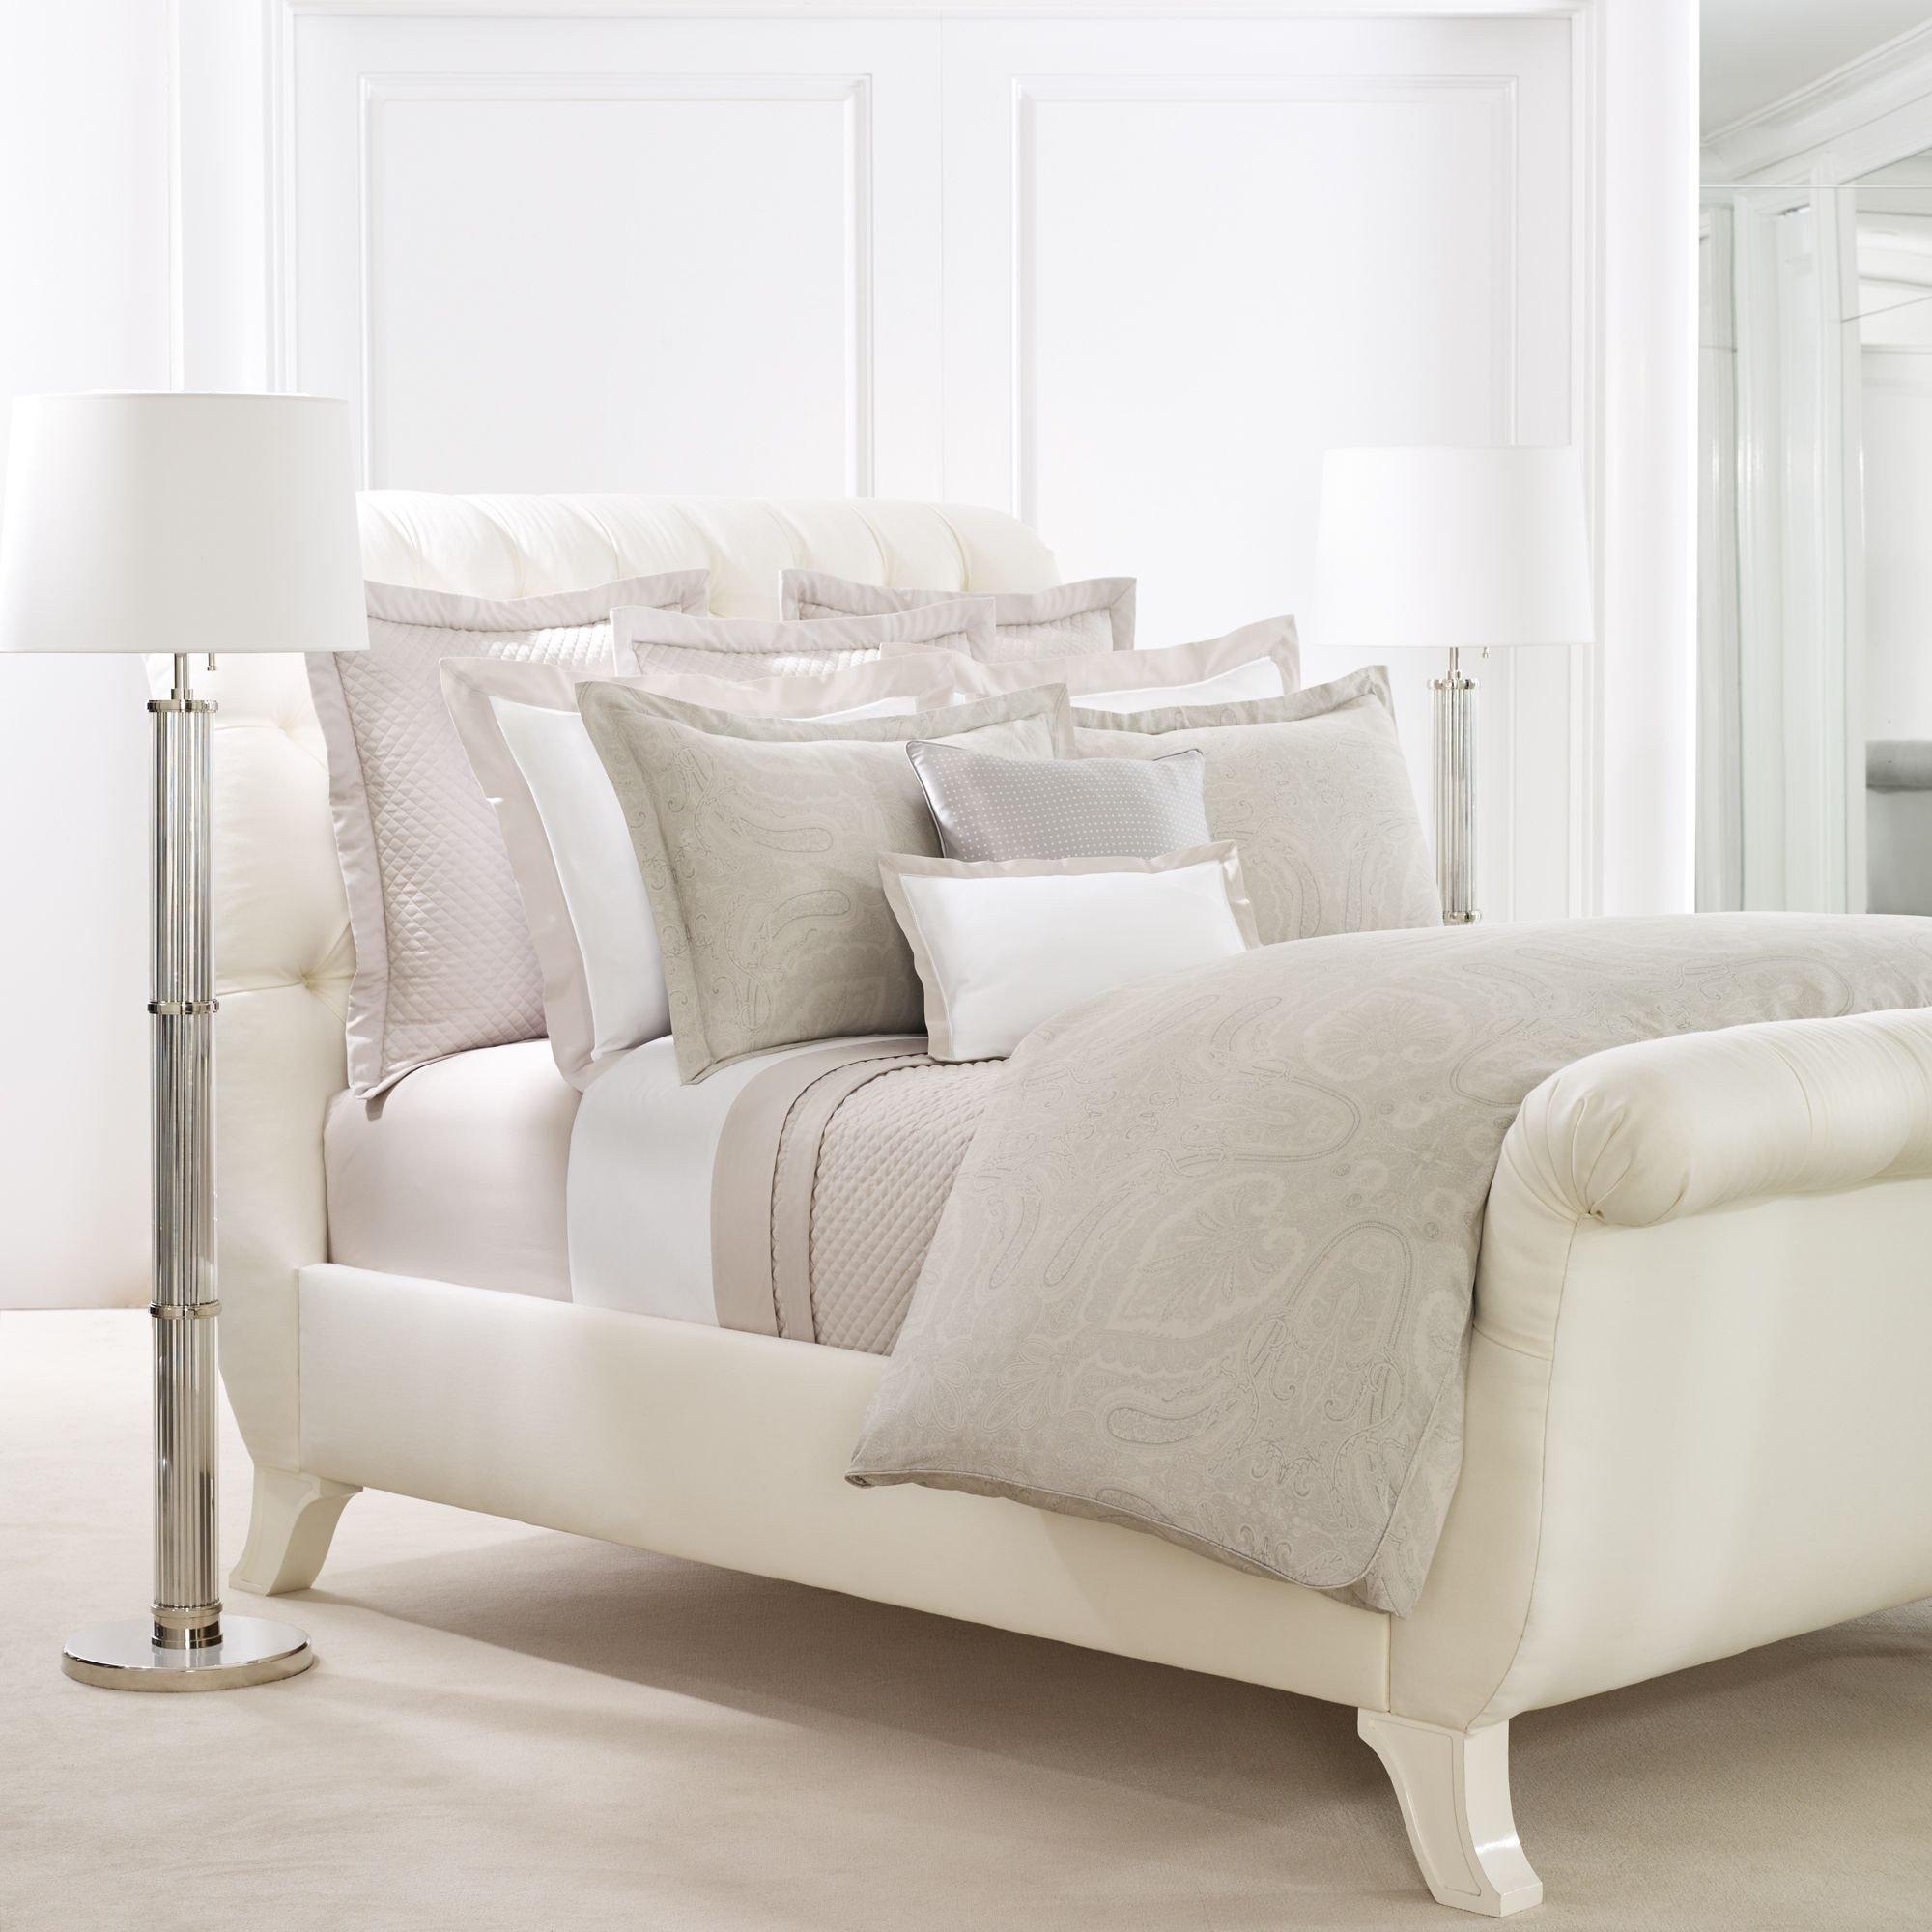 Ralph Lauren Bedroom Furniture New Ralph Lauren Pinstripe Bedding Home Decorating Ideas